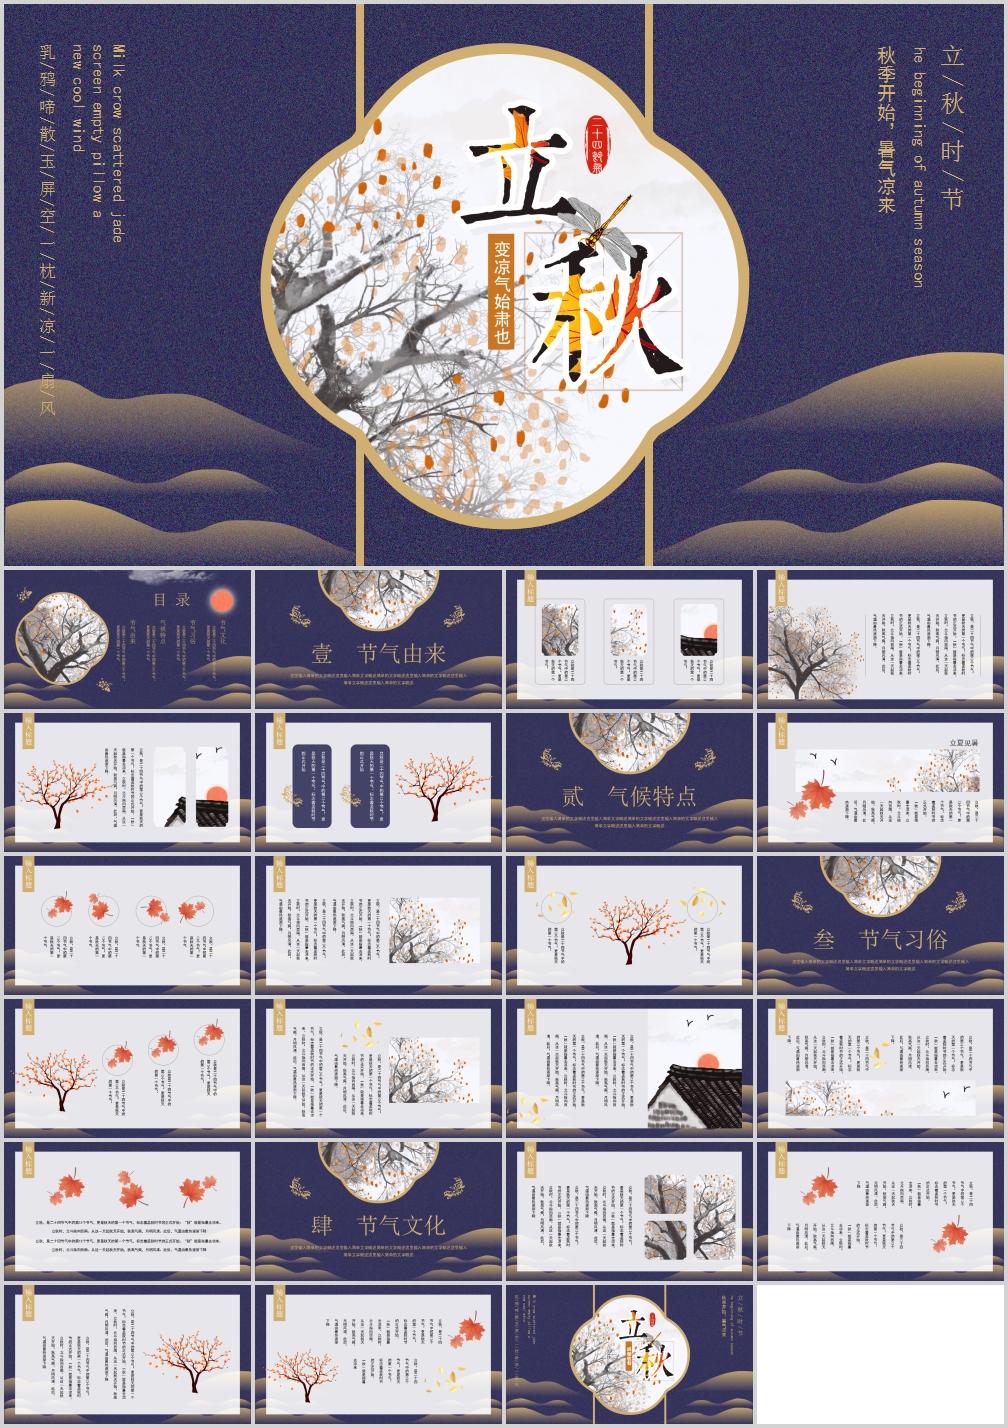 【PPT】国潮节气立秋景色PPT模板-爱资源分享